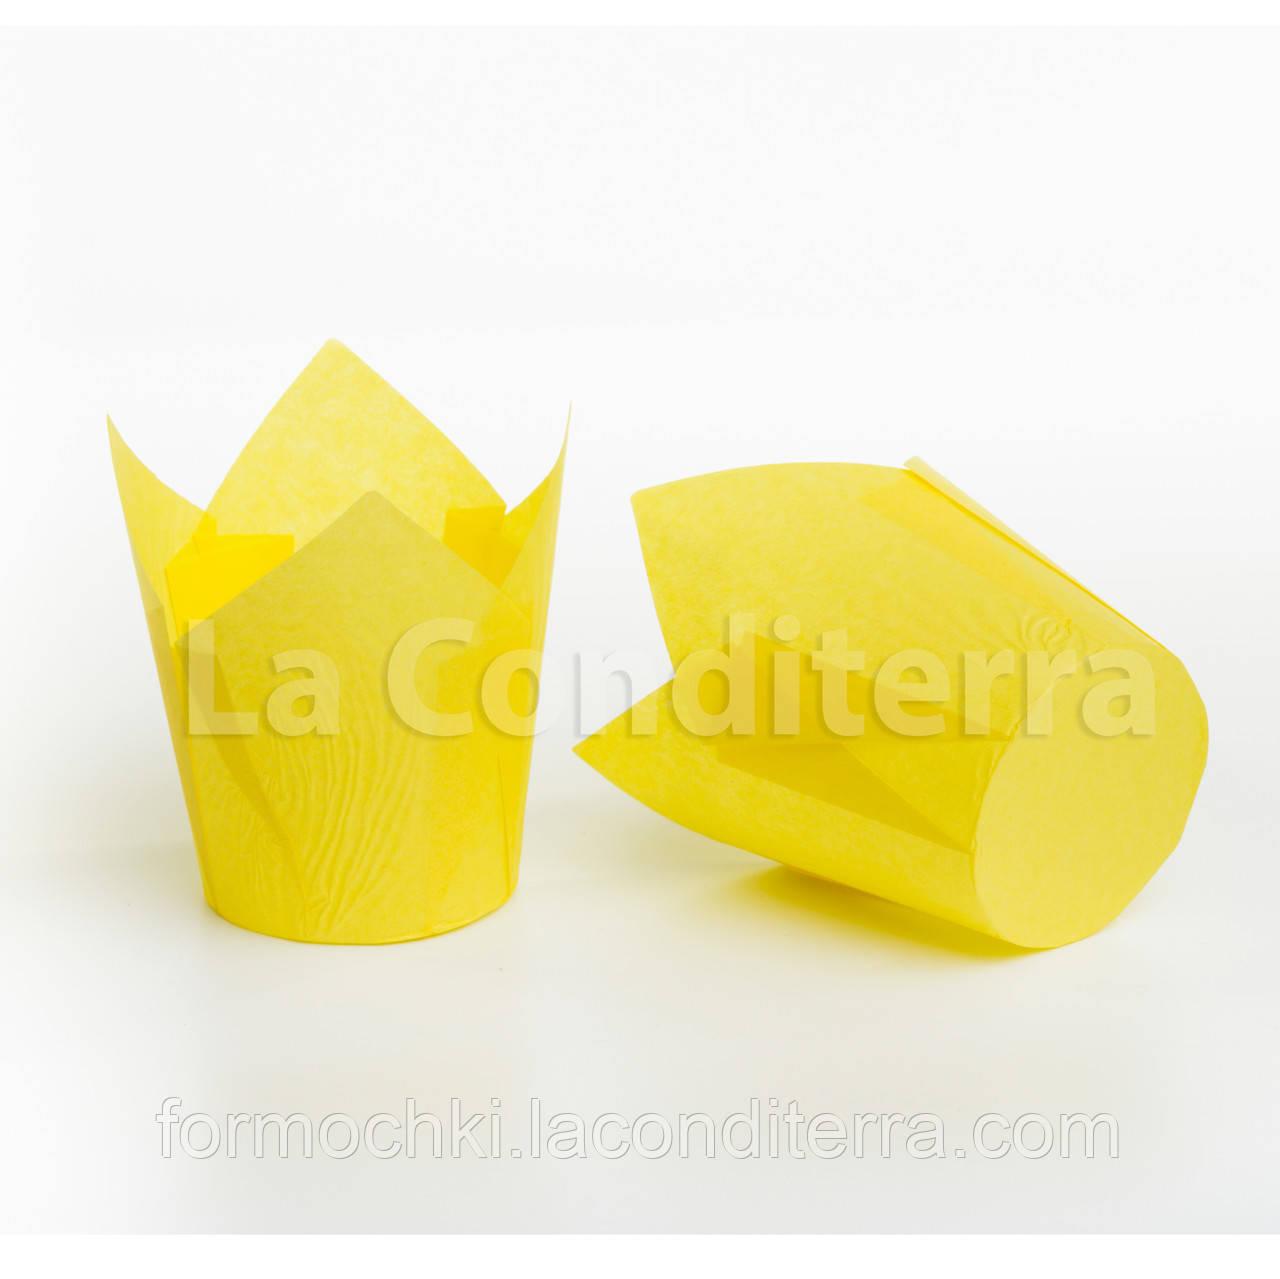 Бумажные формочки для кексов Тюльпан желтые (150 шт., d=35 мм, высота бортика=35/50 мм)